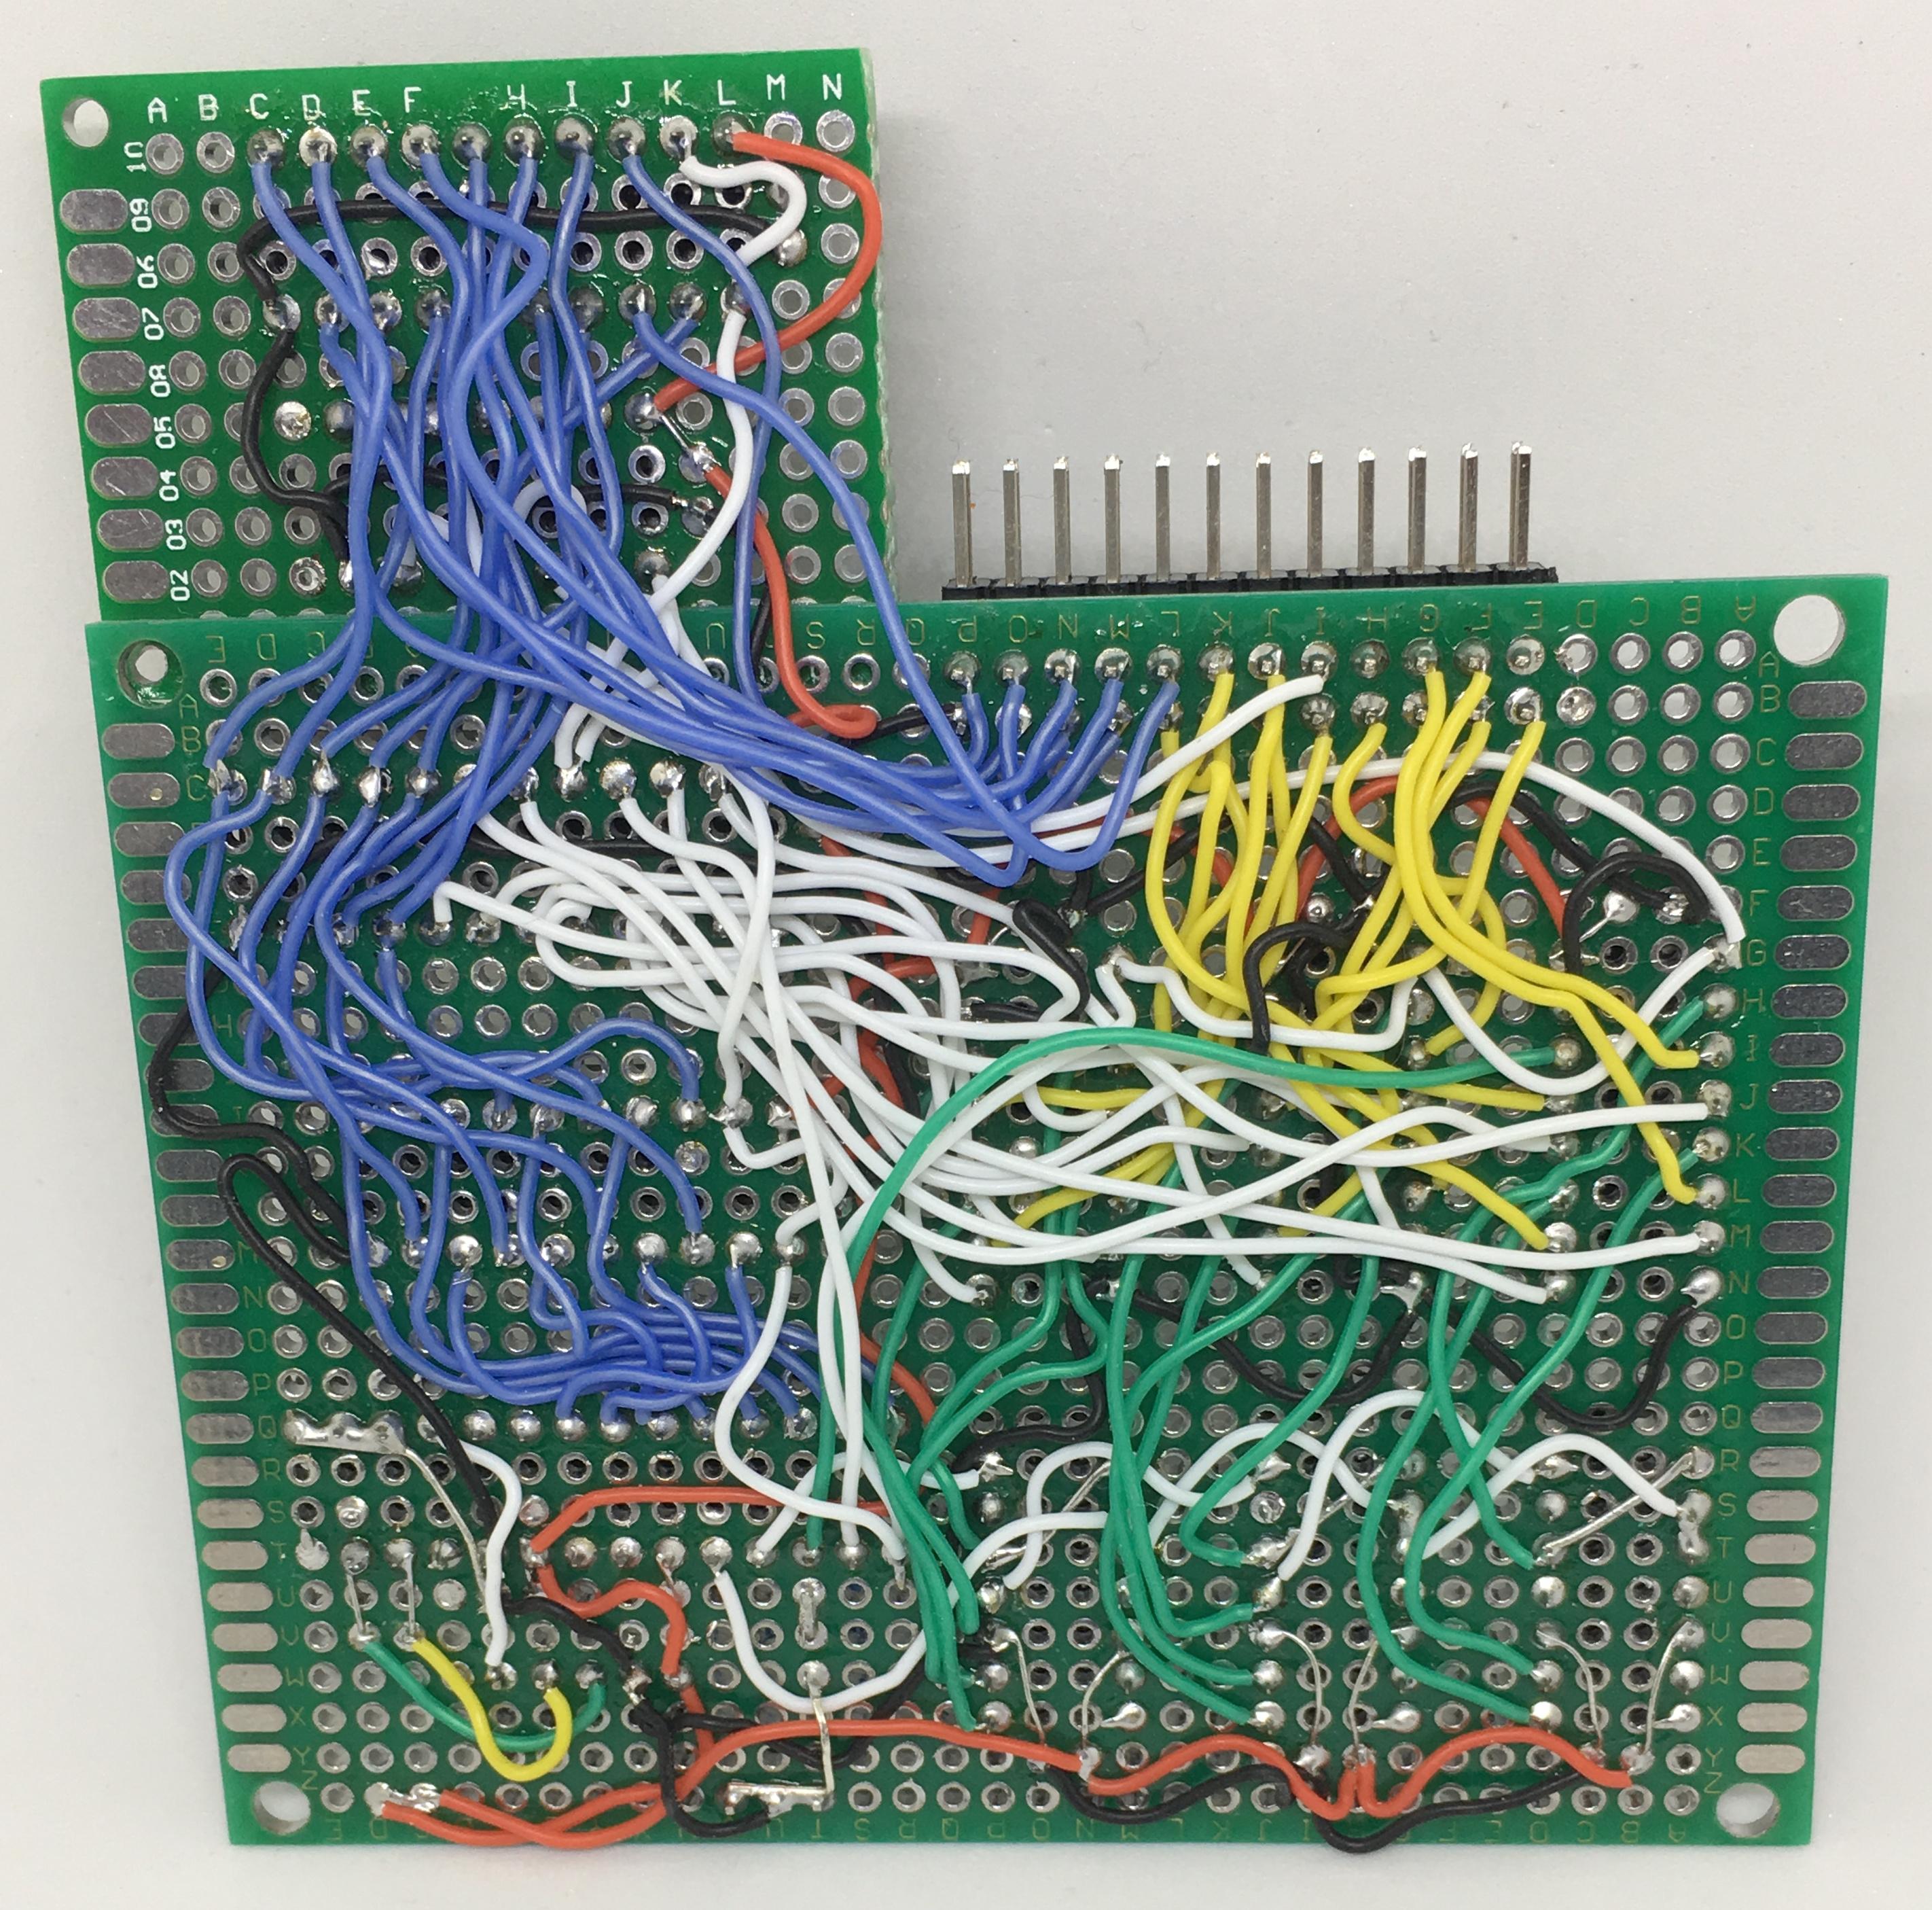 components_Emulator_back.jpg